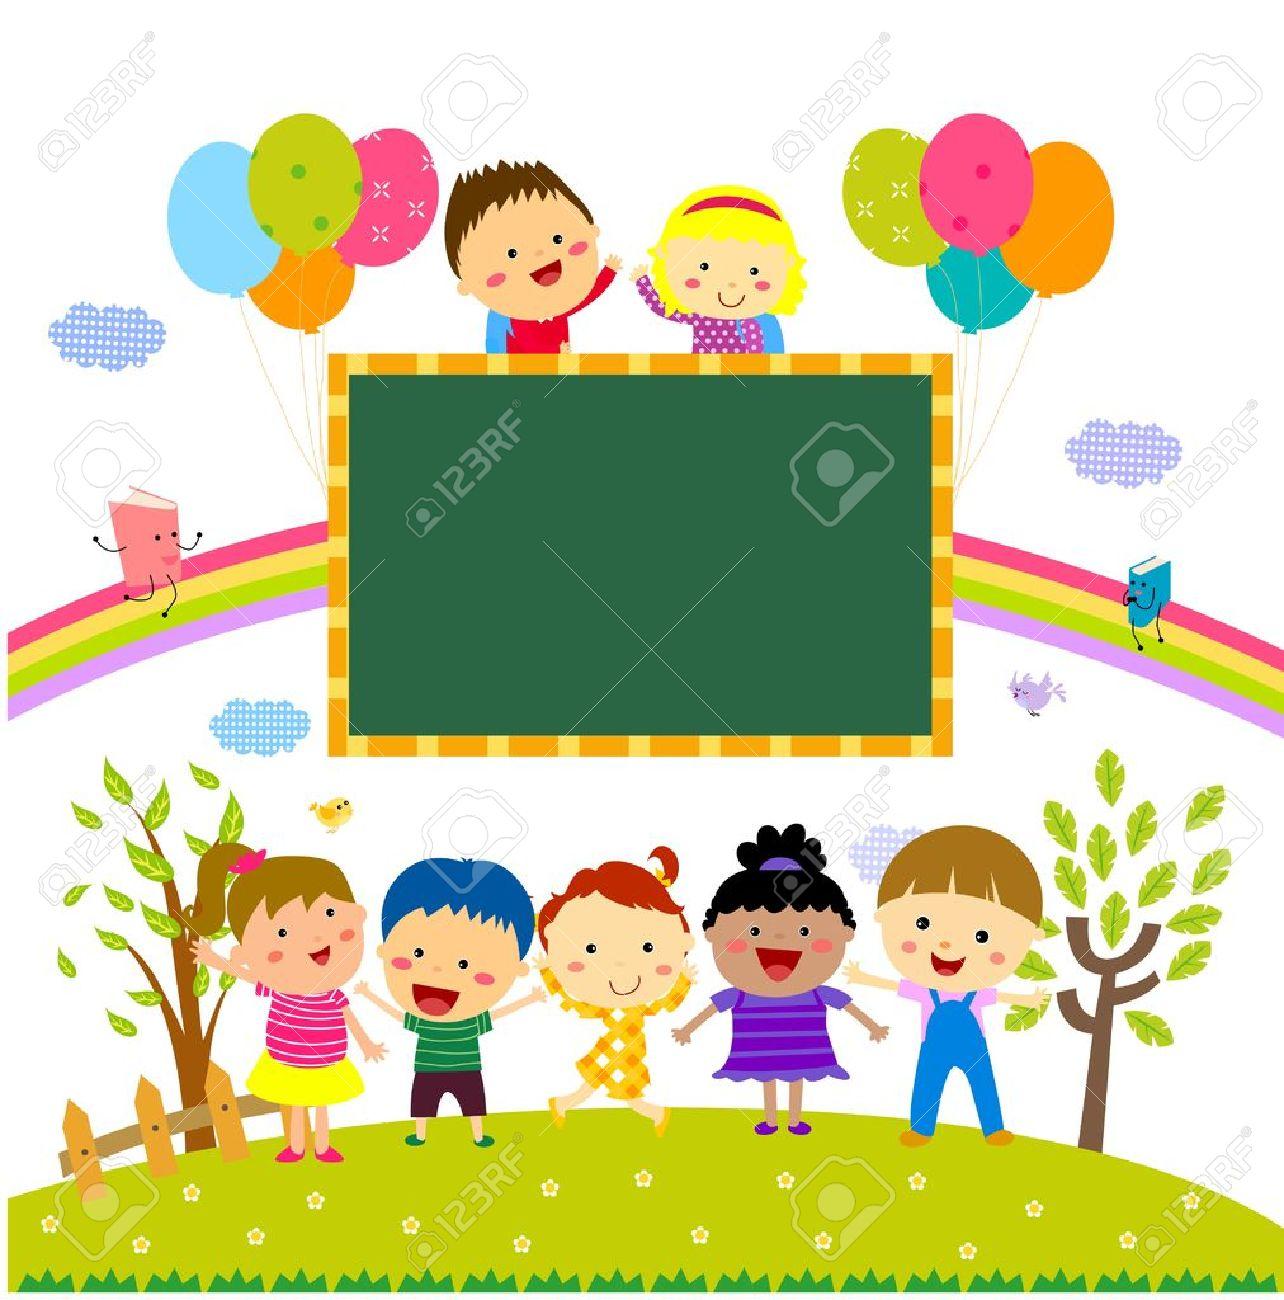 Schulklasse im unterricht clipart  Kinder Und Tafel Lizenzfrei Nutzbare Vektorgrafiken, Clip Arts ...